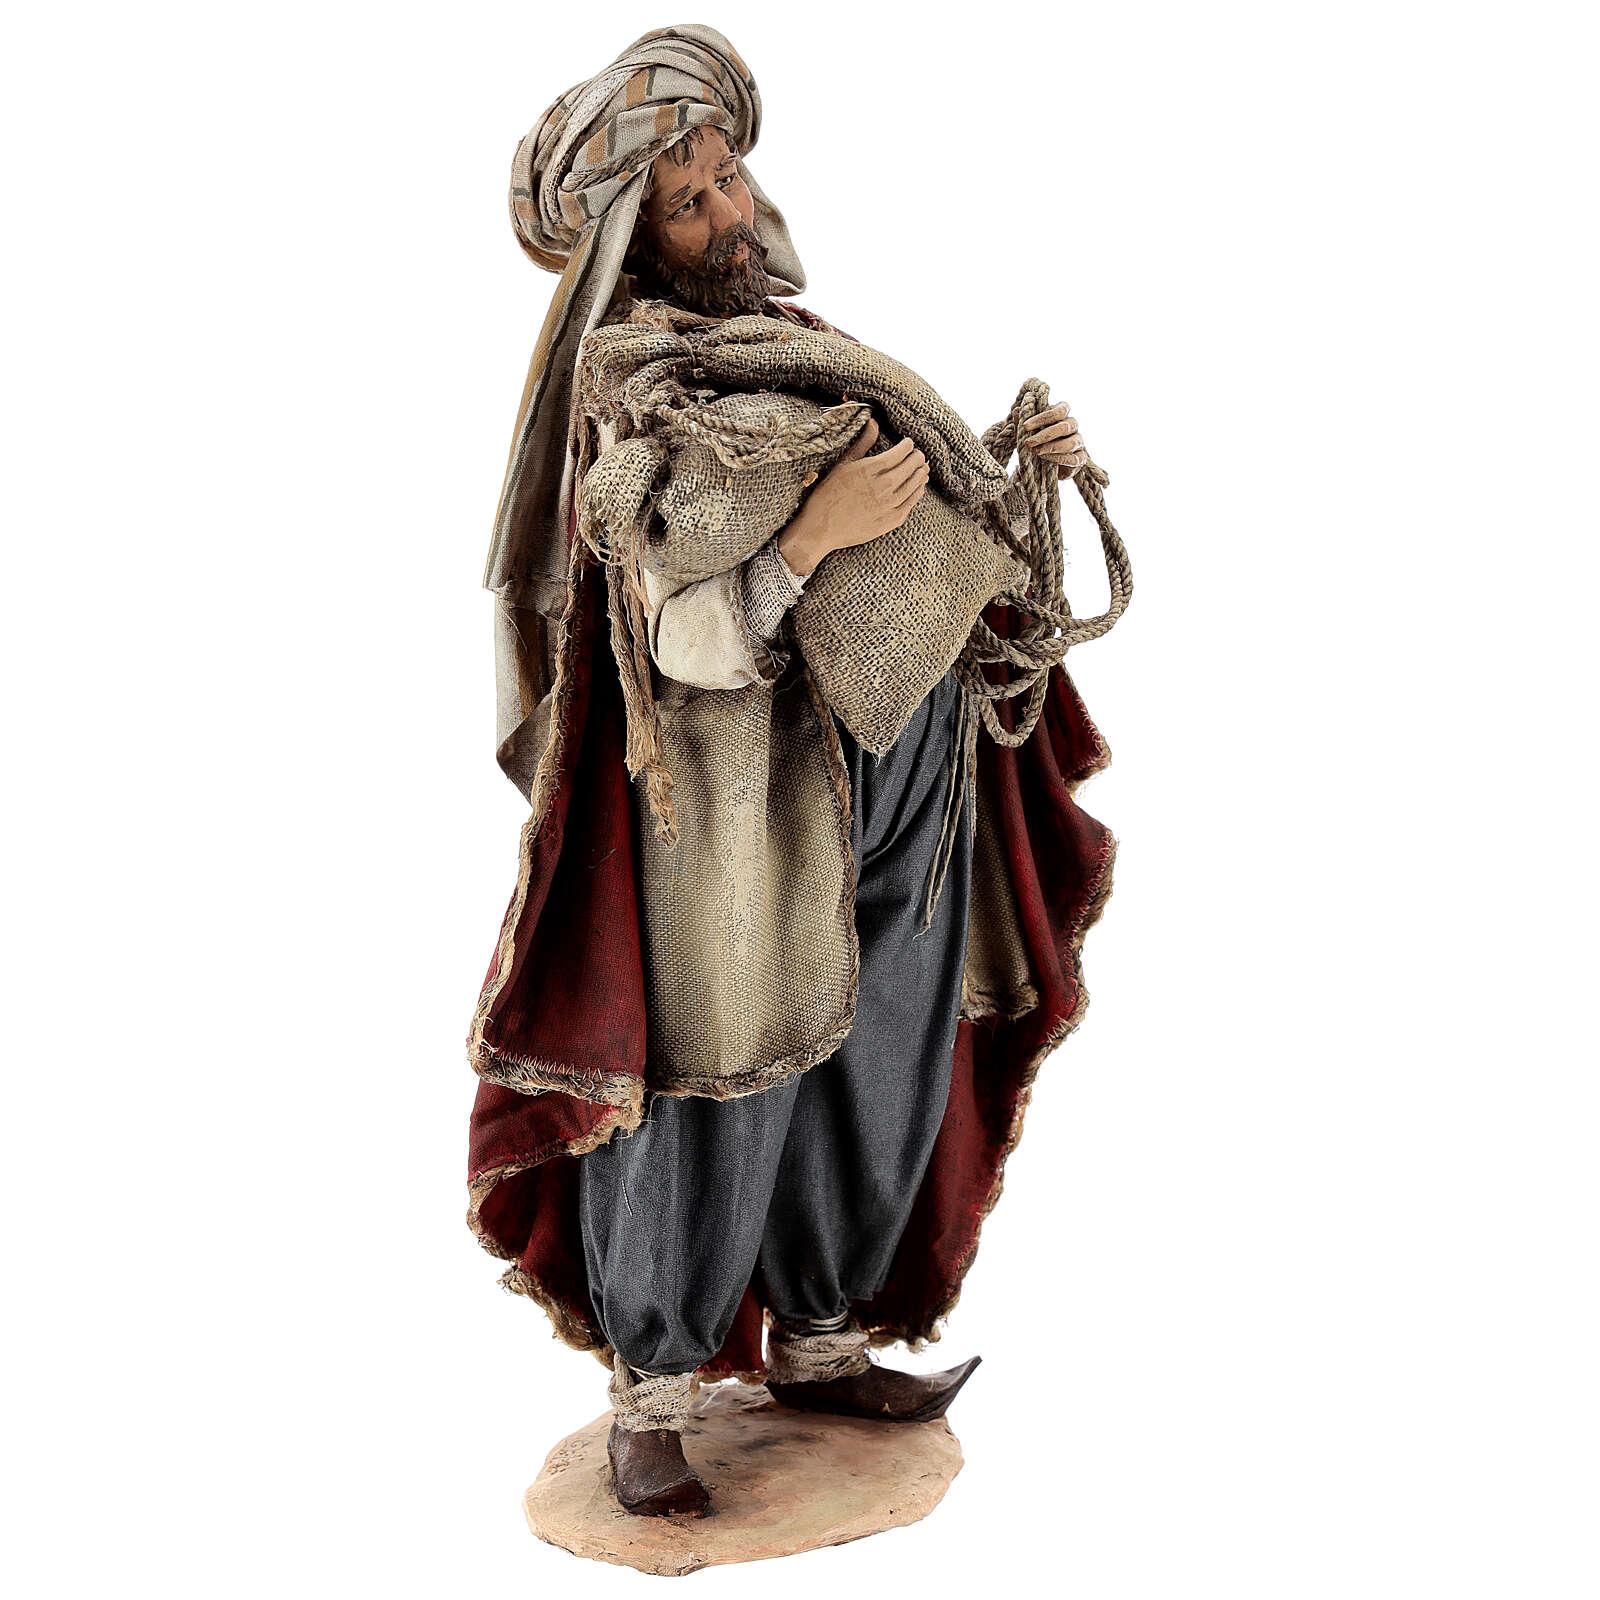 Mężczyzna ze wsi 30 cm szopka Angela Tripi 4